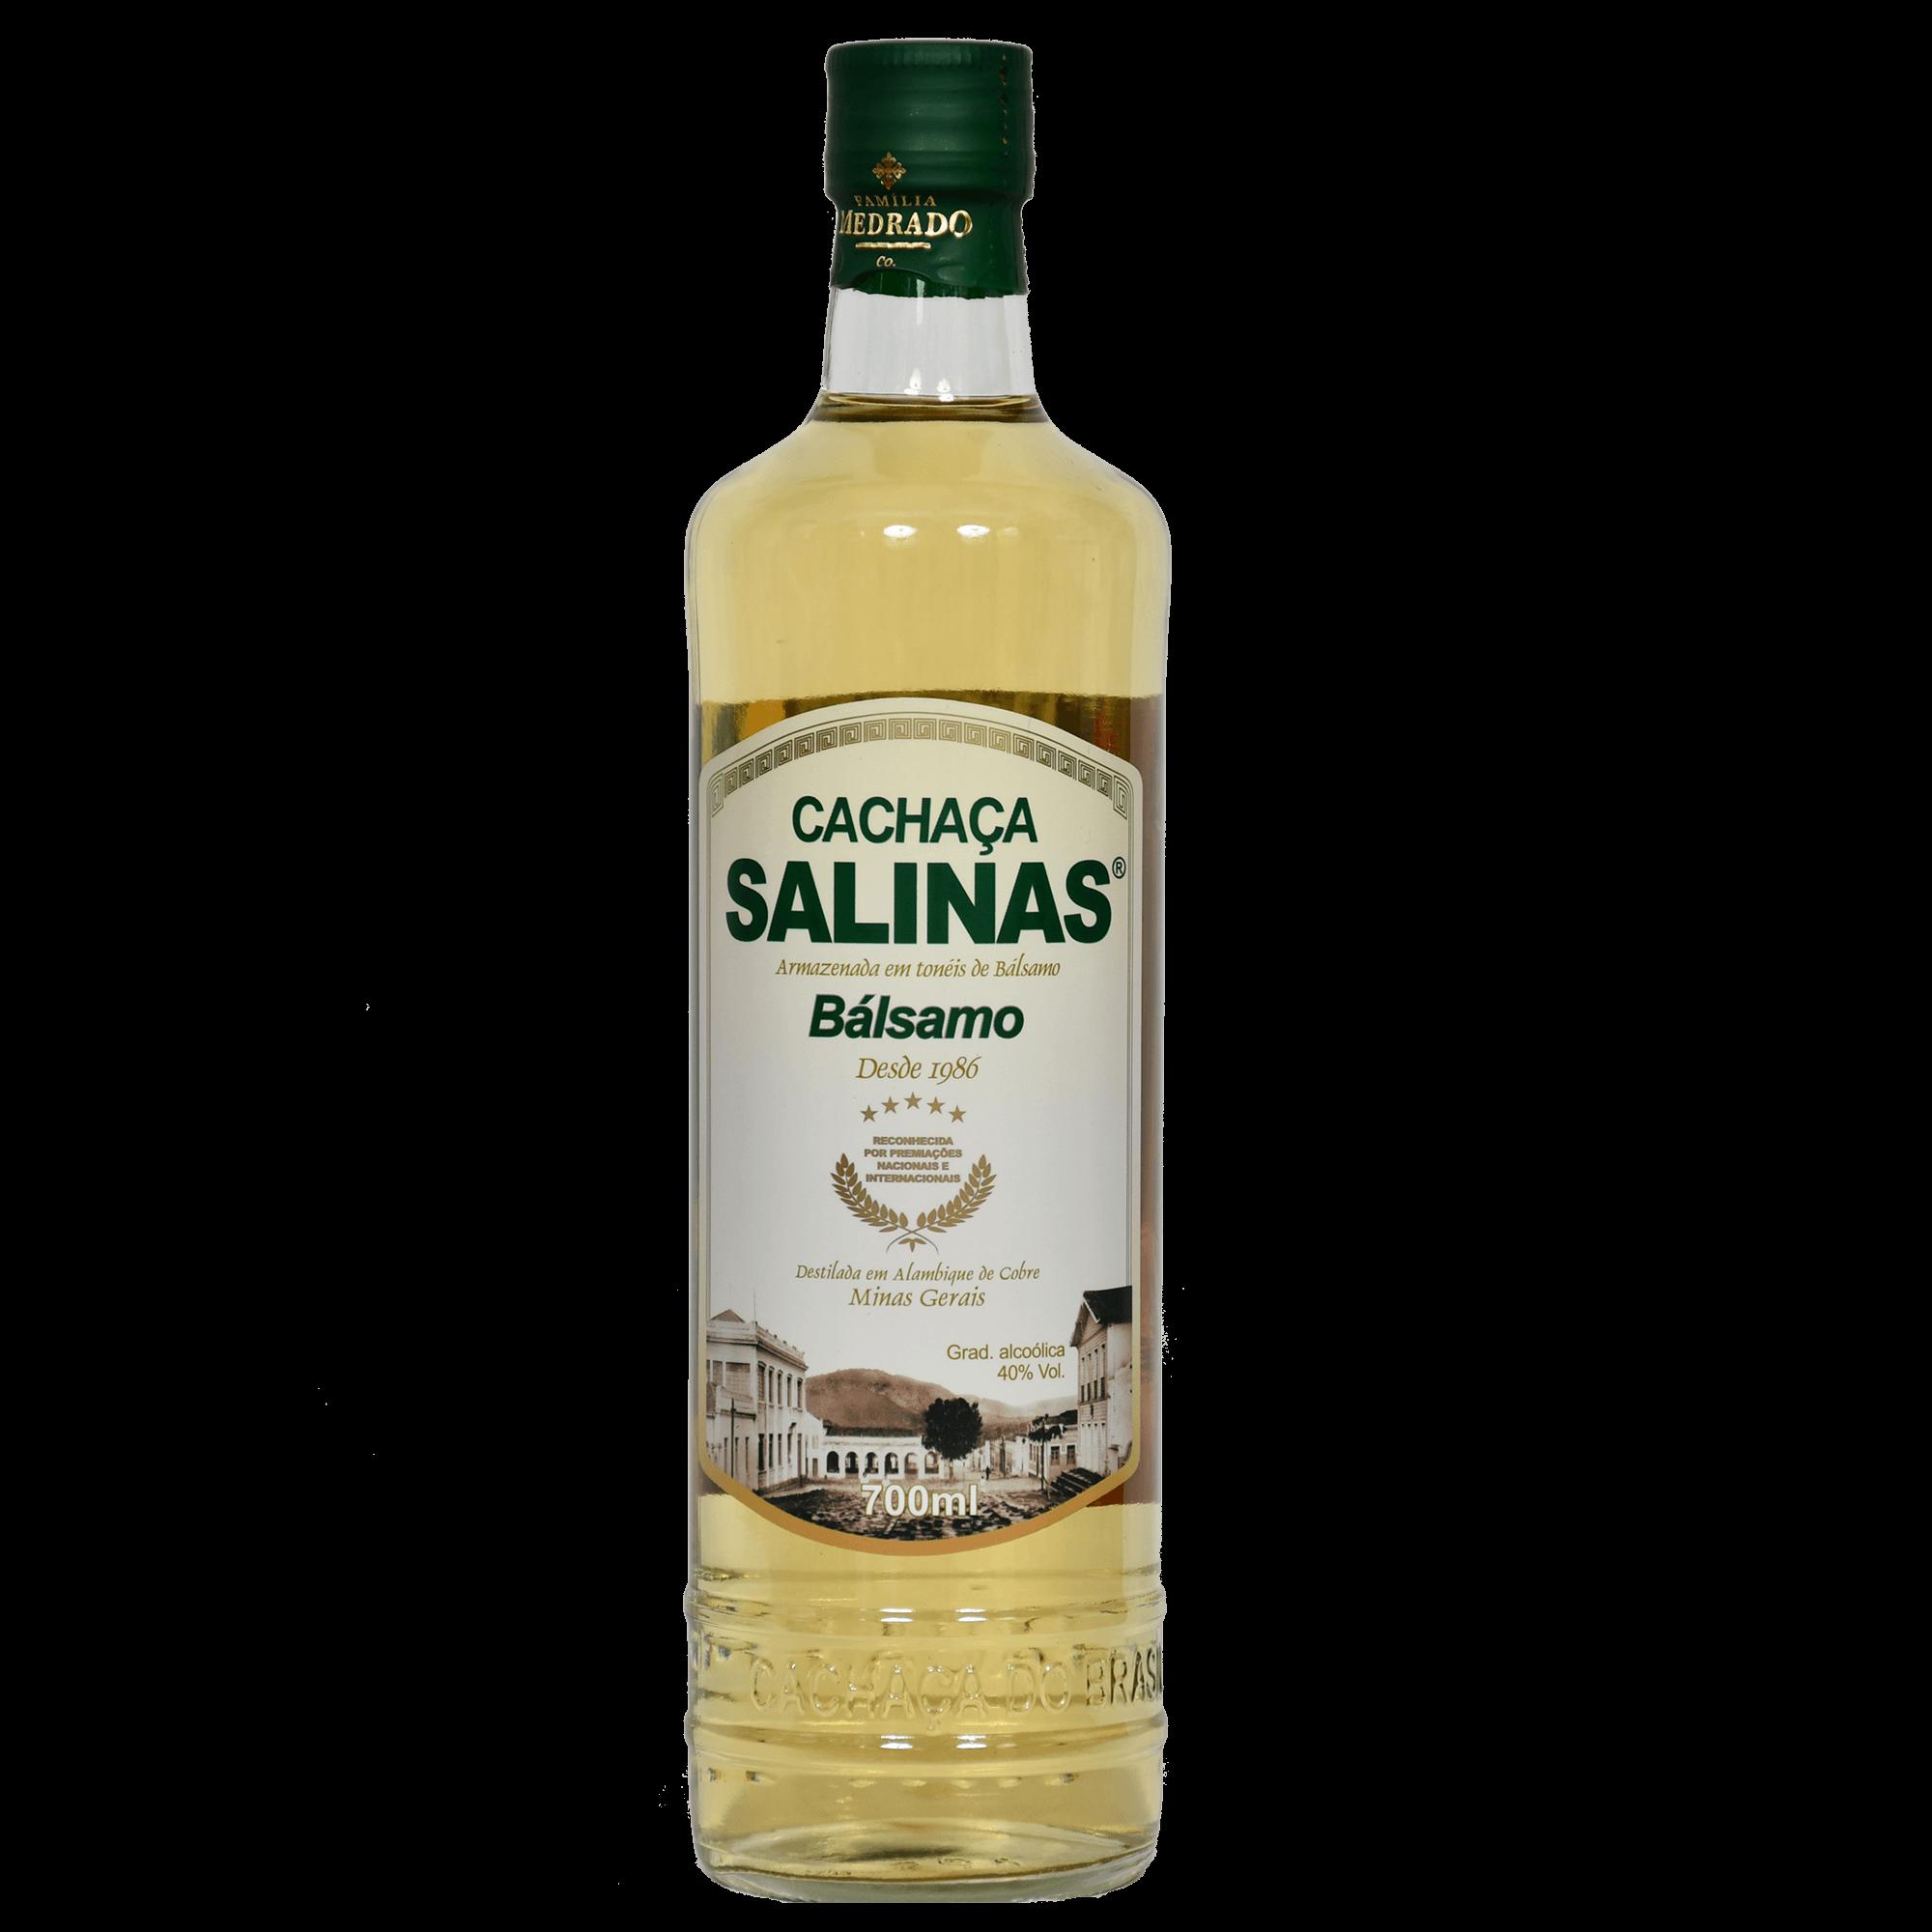 Cachaça Salinas Balsamo 700ml